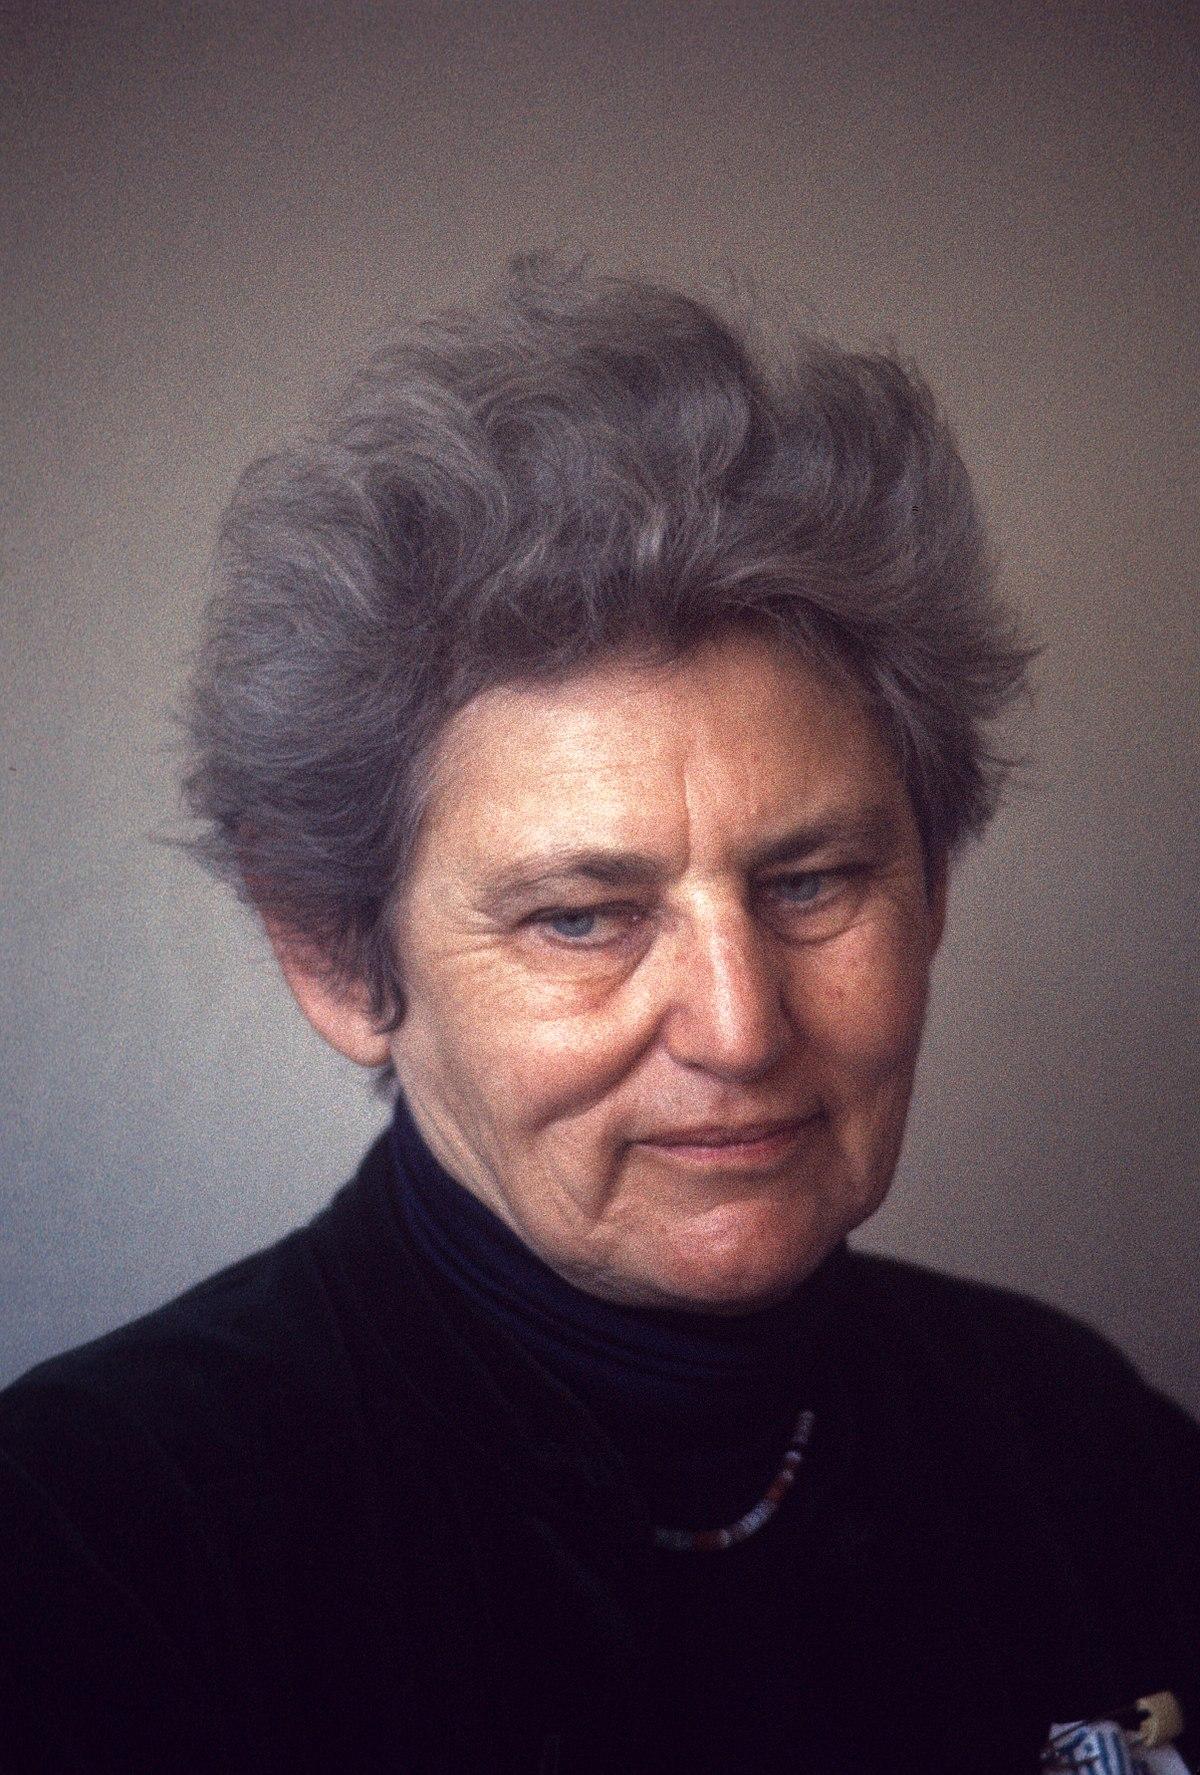 Tillie Olsen Wikipedia